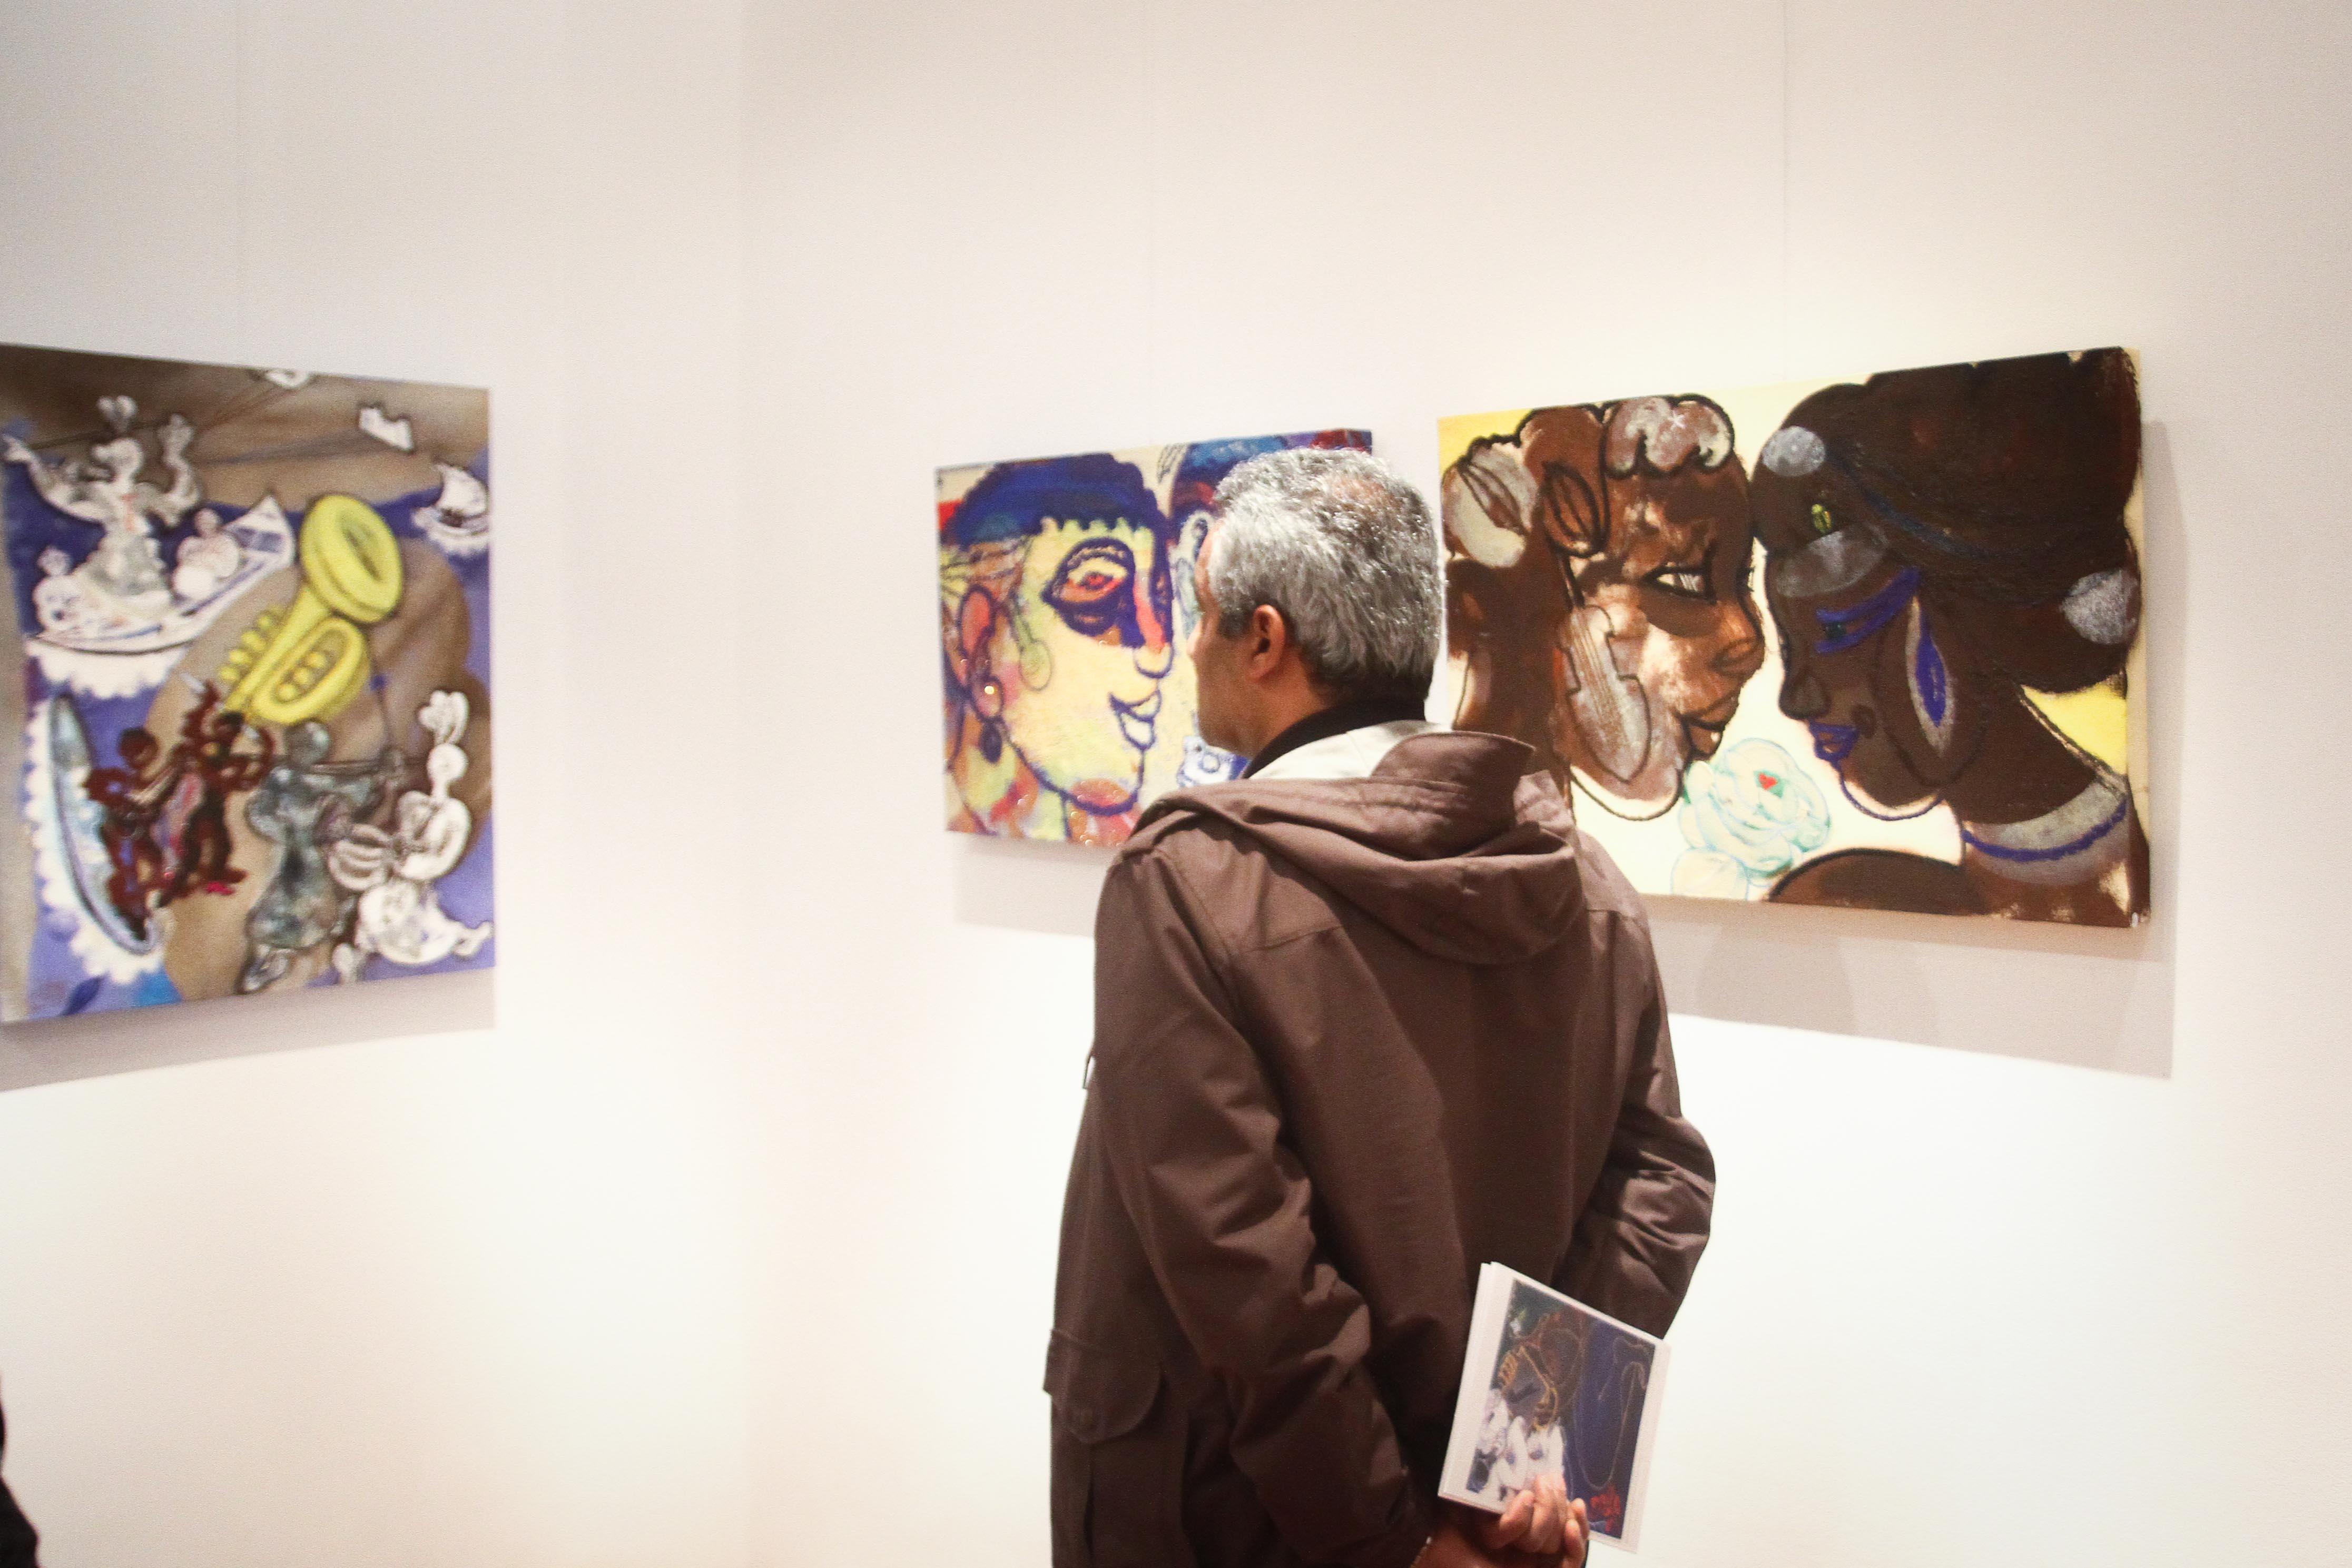 معرض مصر ستعاود العطاء للفنان فرغى عبد الحفيظ (4)